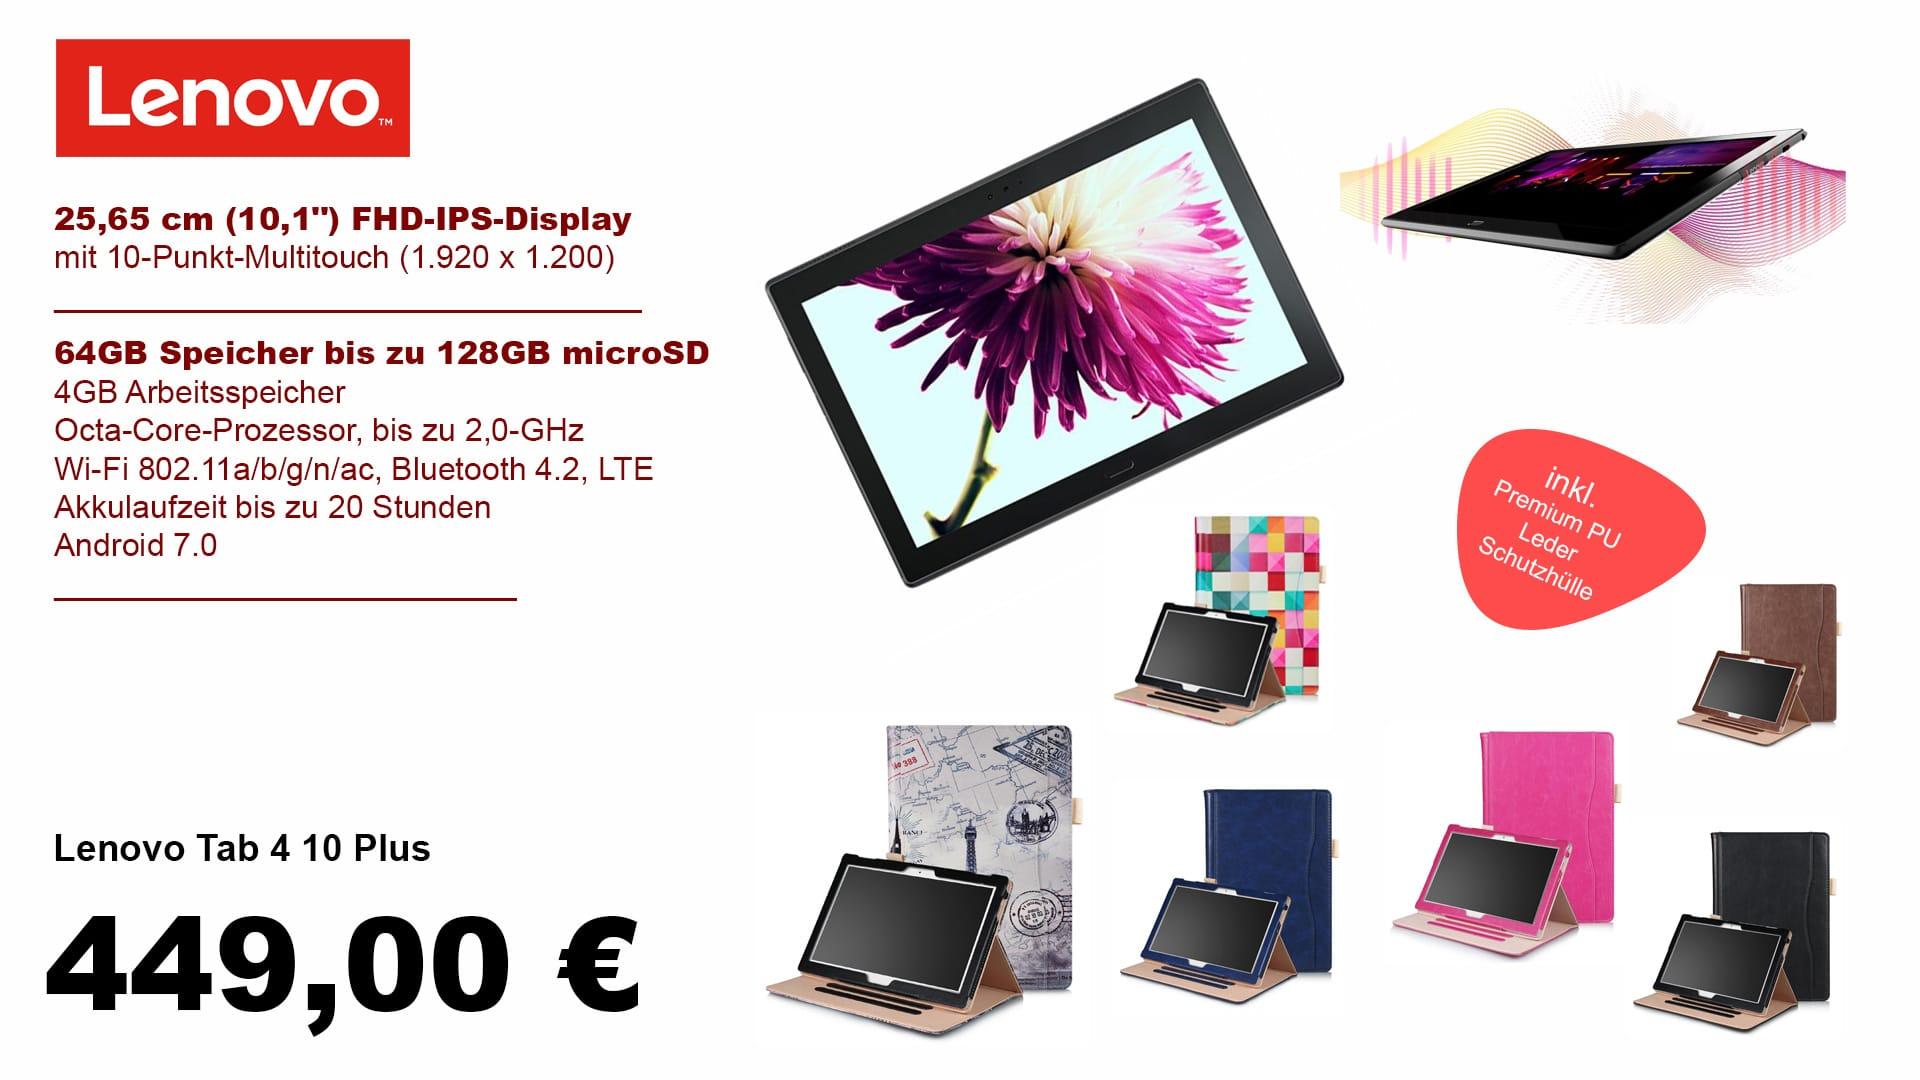 Lenovo Tab 4 10 Plus inklusive Huelle